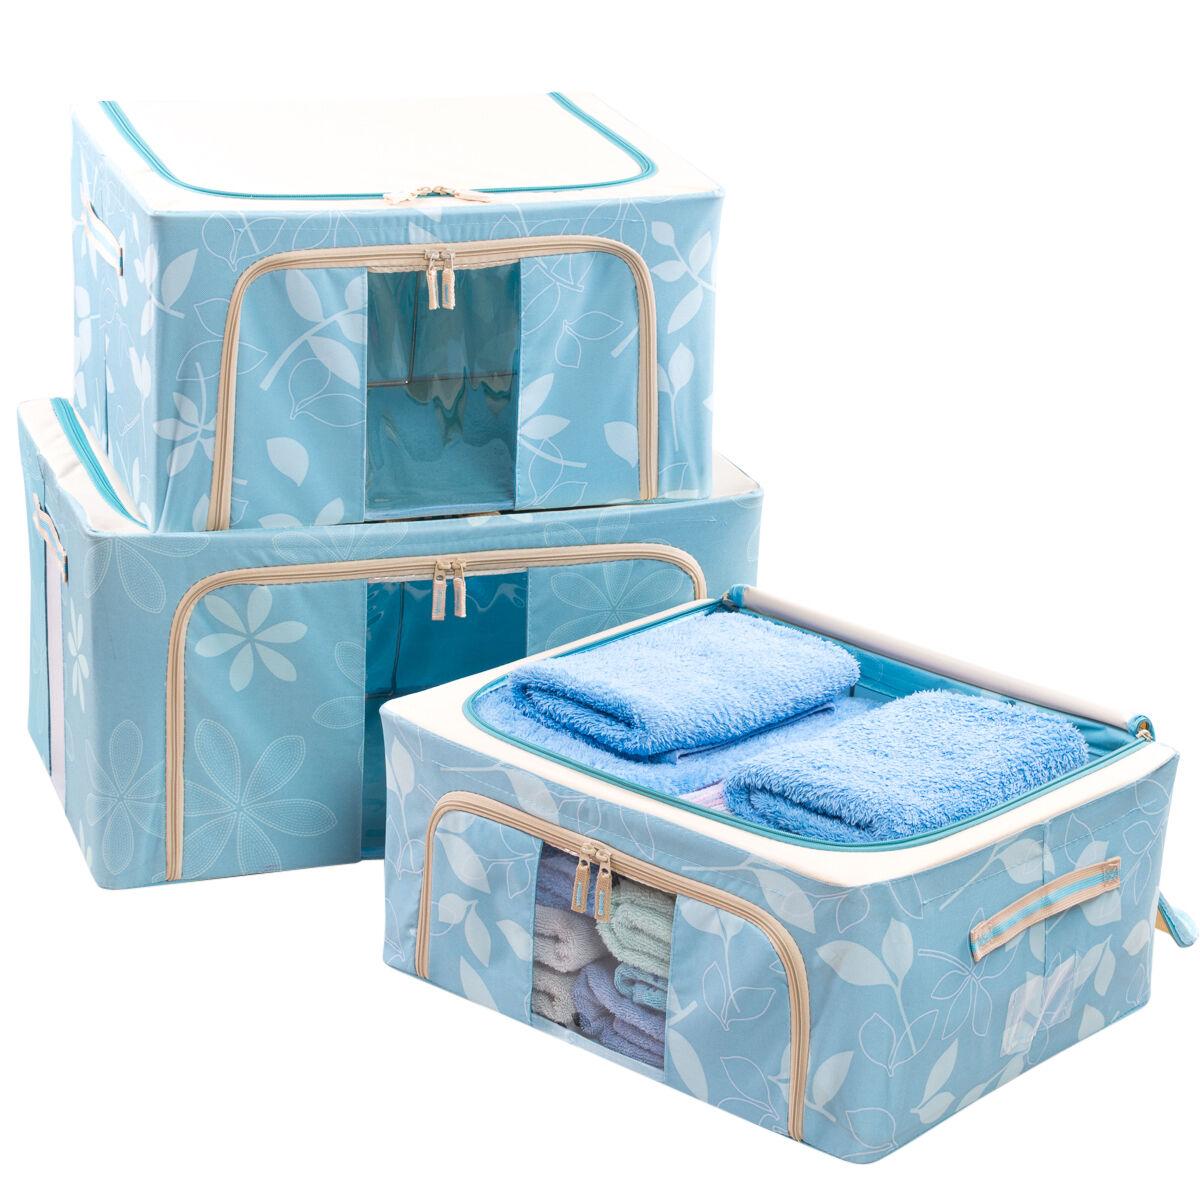 LUSSO PIEGHEVOLE CON STRUTTURA di IN METALLO TELA scatole di STRUTTURA camera da letto Organizzatore materiale. NUOVO a71877